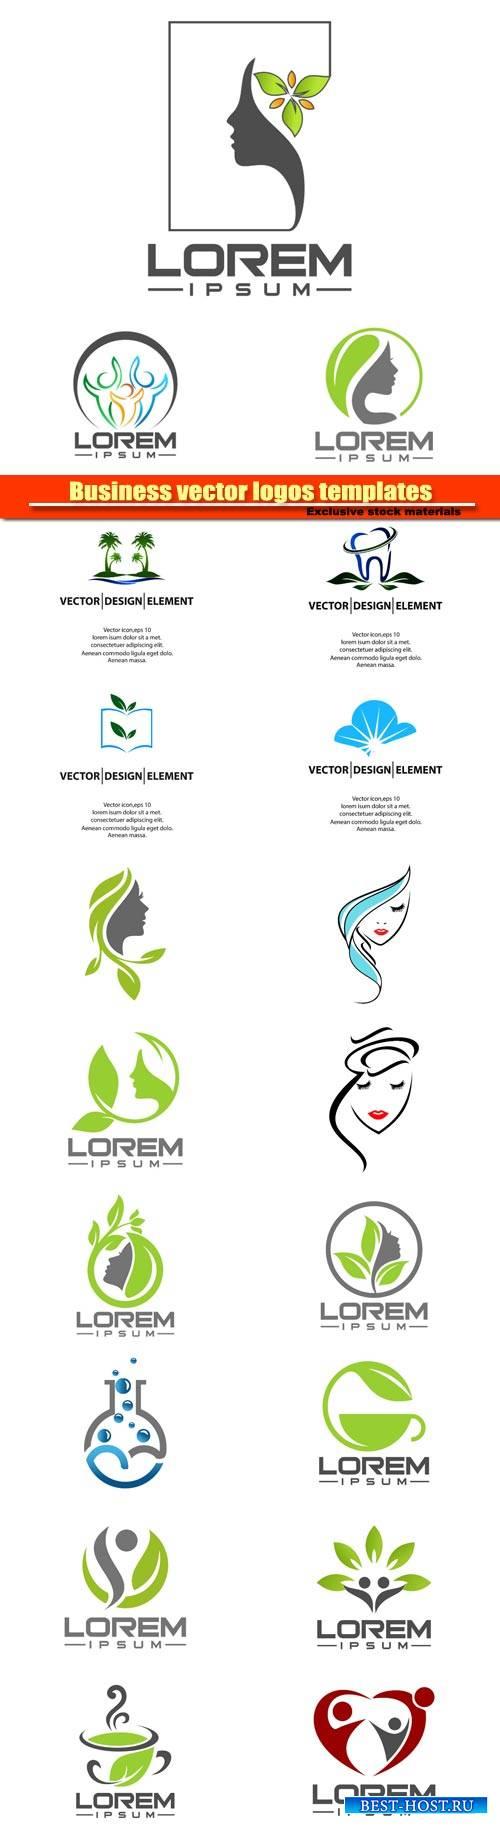 Business vector logos templates №10